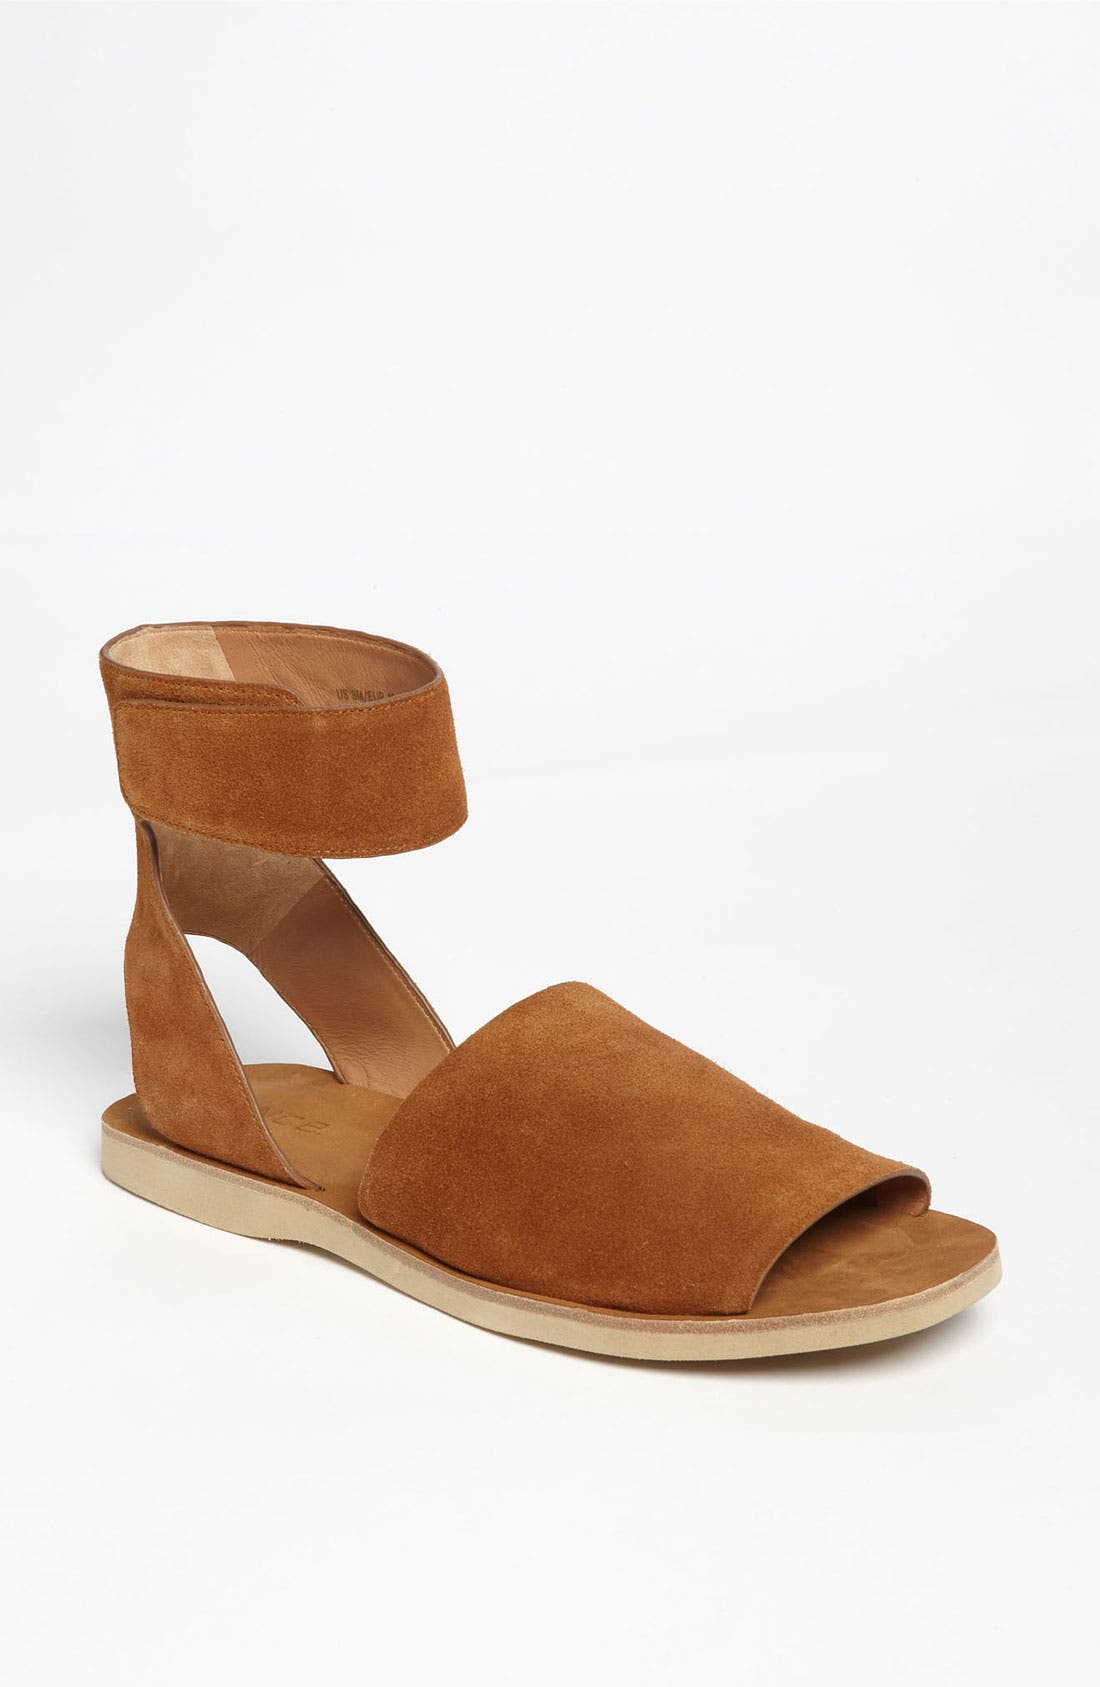 Alternate Image 1 Selected - Vince 'Sadie' Sandal